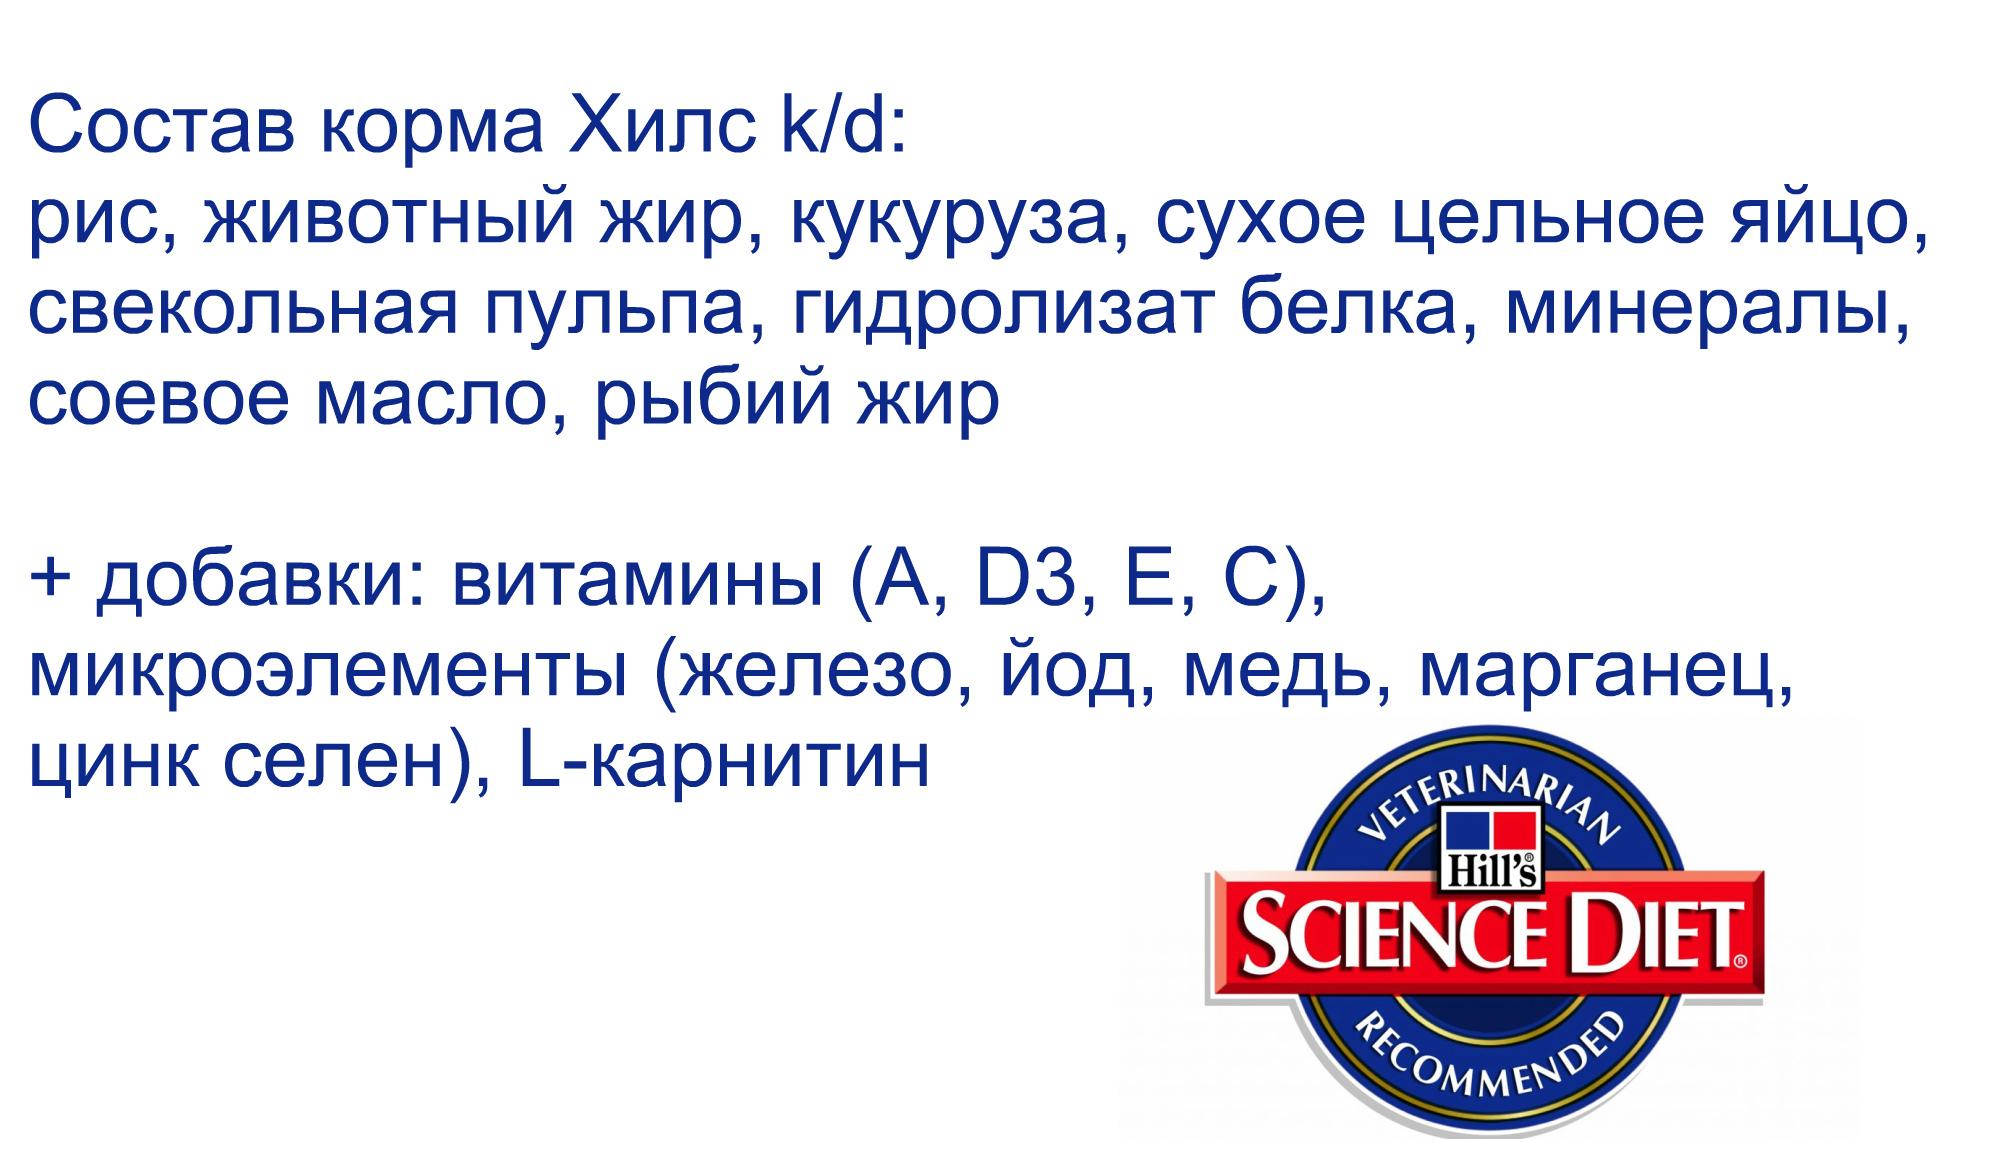 korma-dlya-sobak-s-pochechnoj-nedostatochnostyu